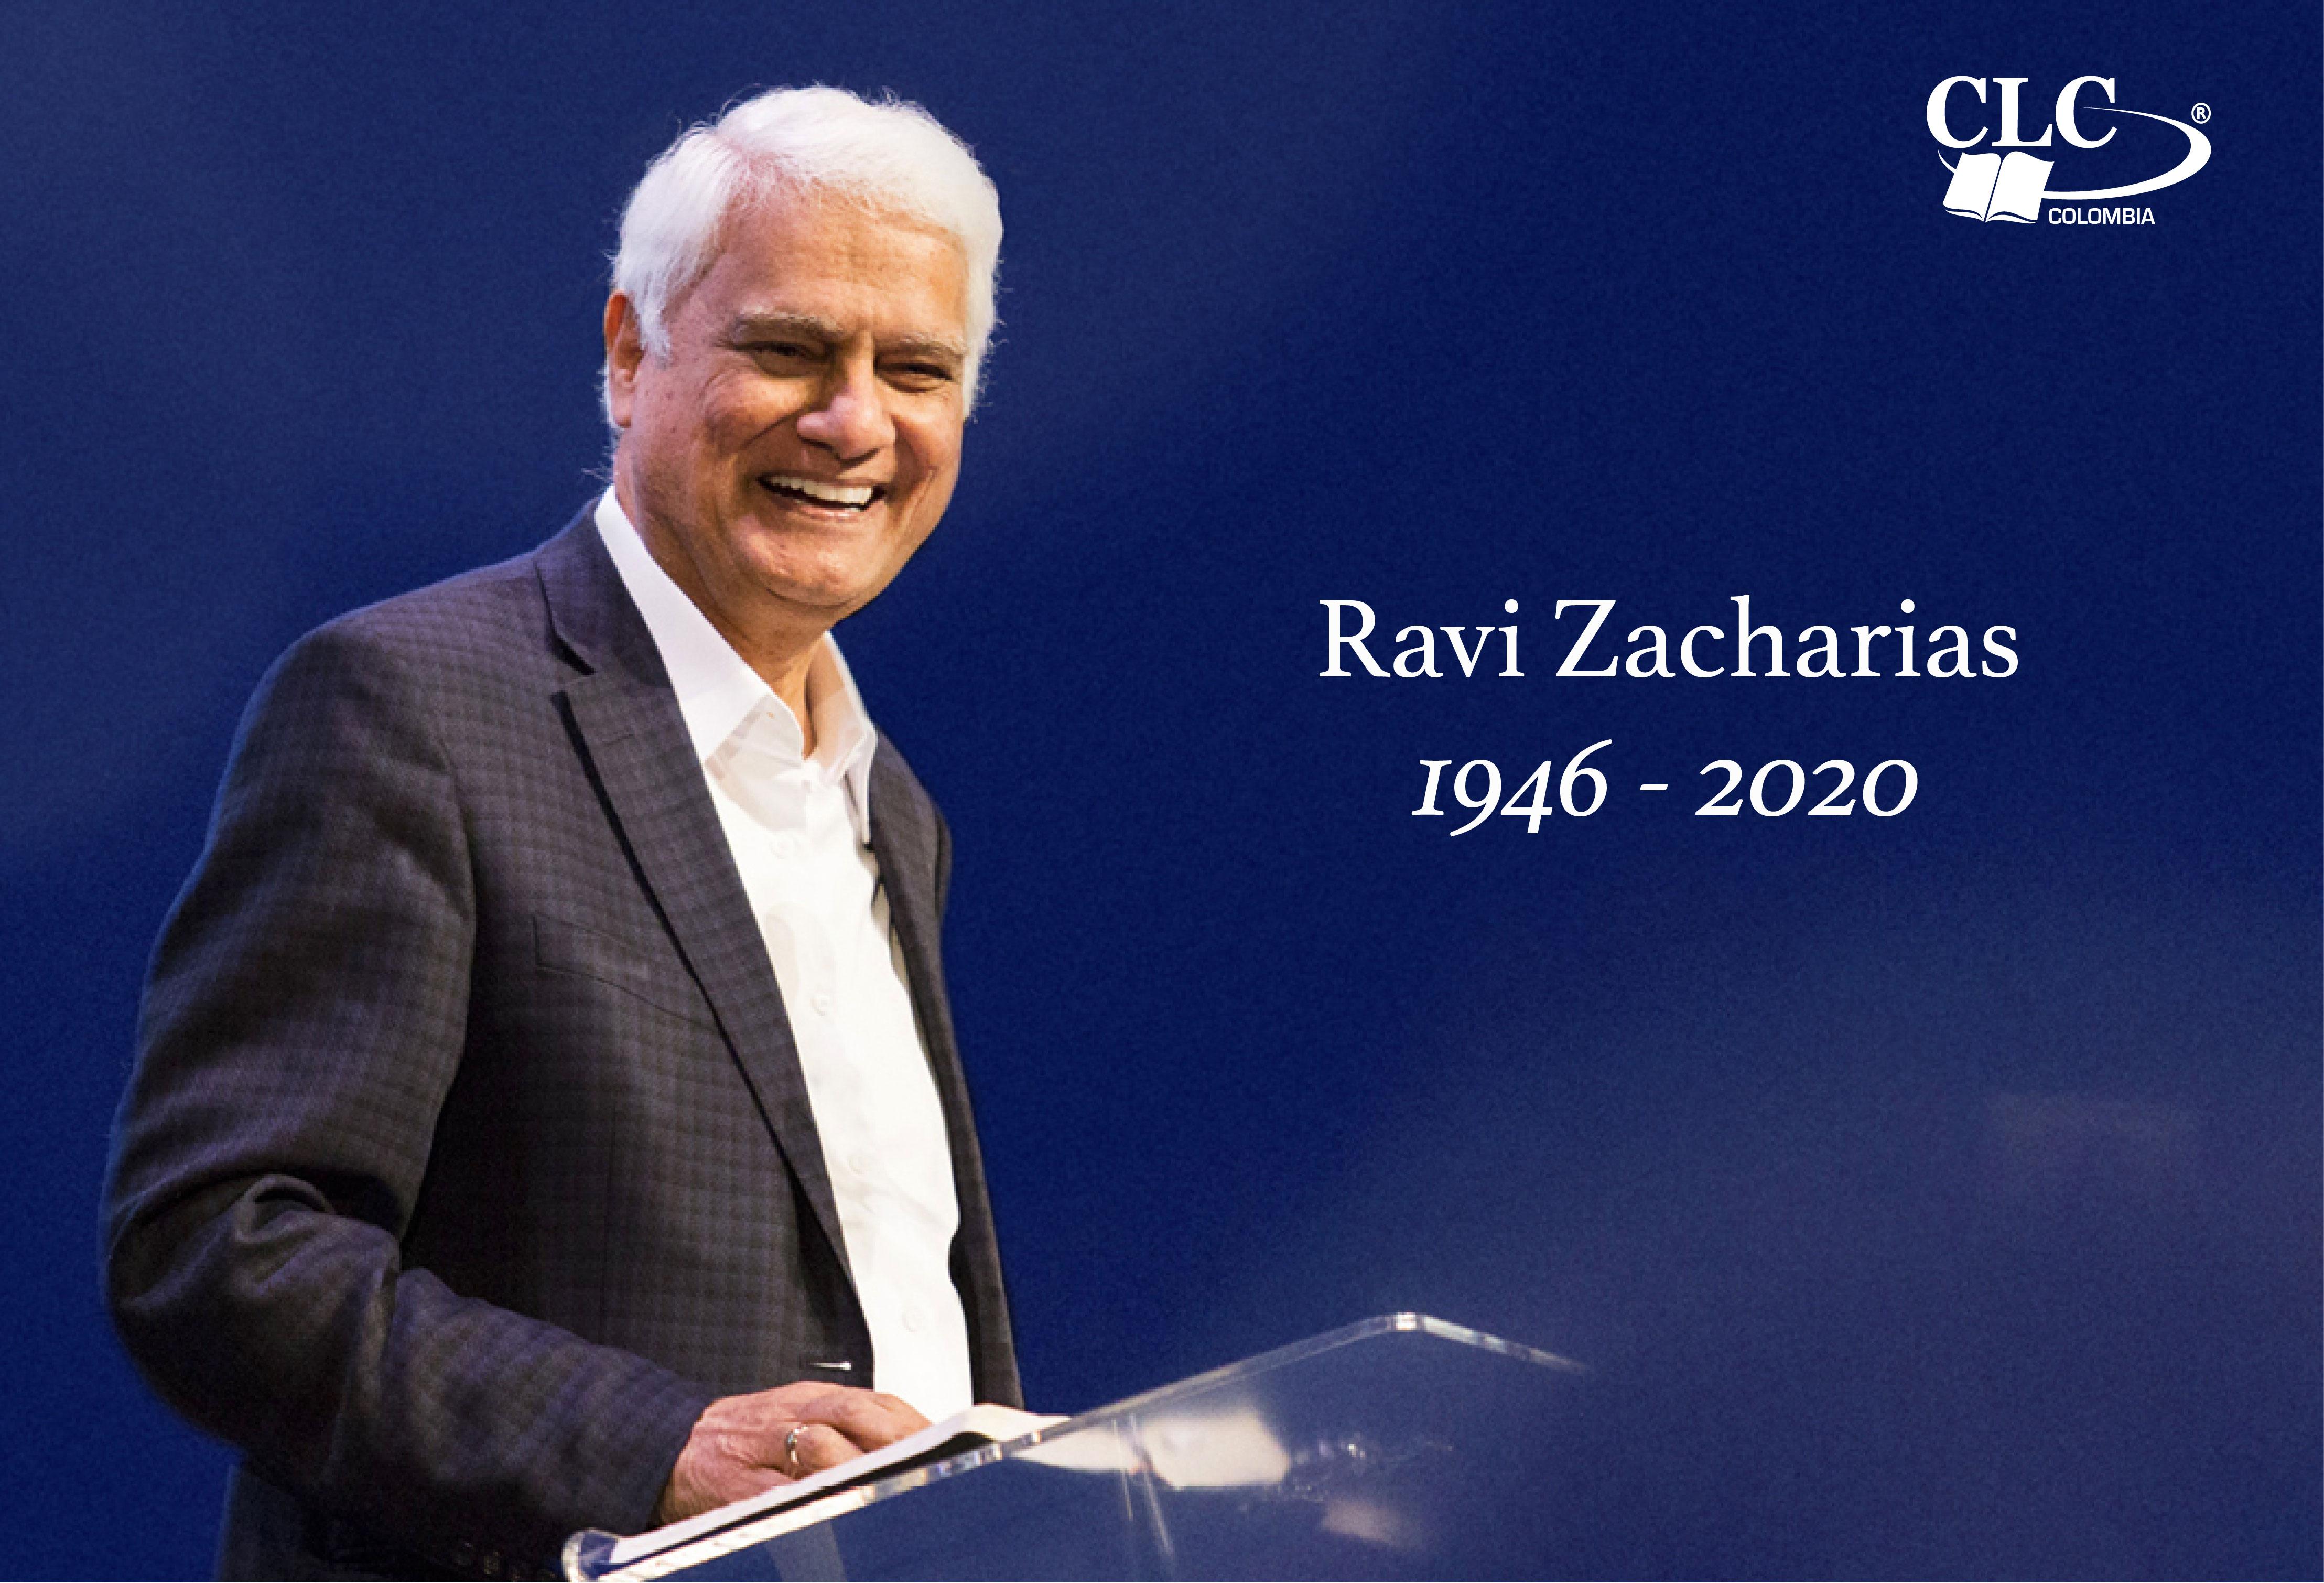 Ravi Zacharias 1946 - 2020